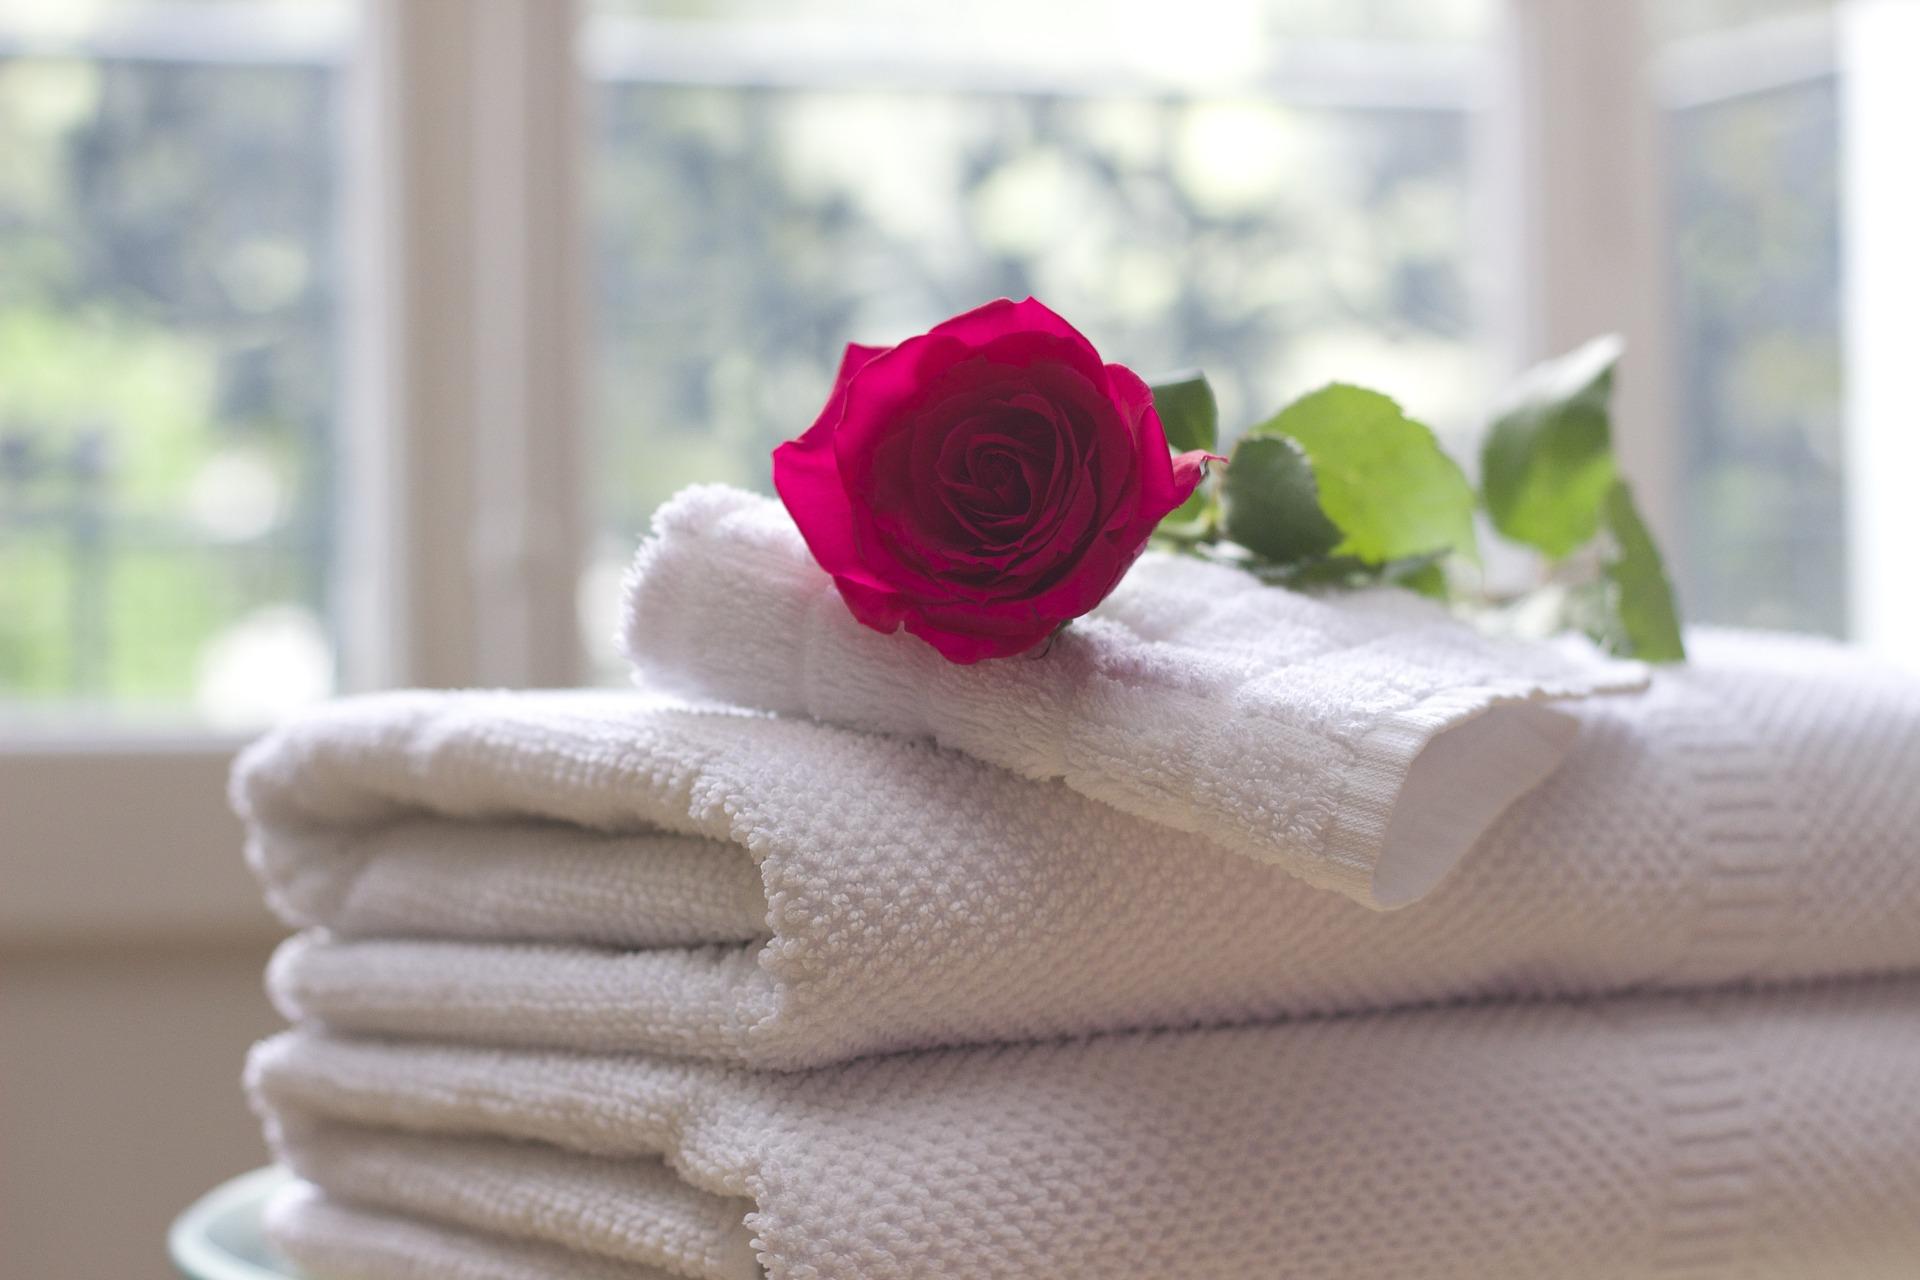 white-towels-759980_1920 (1).jpg